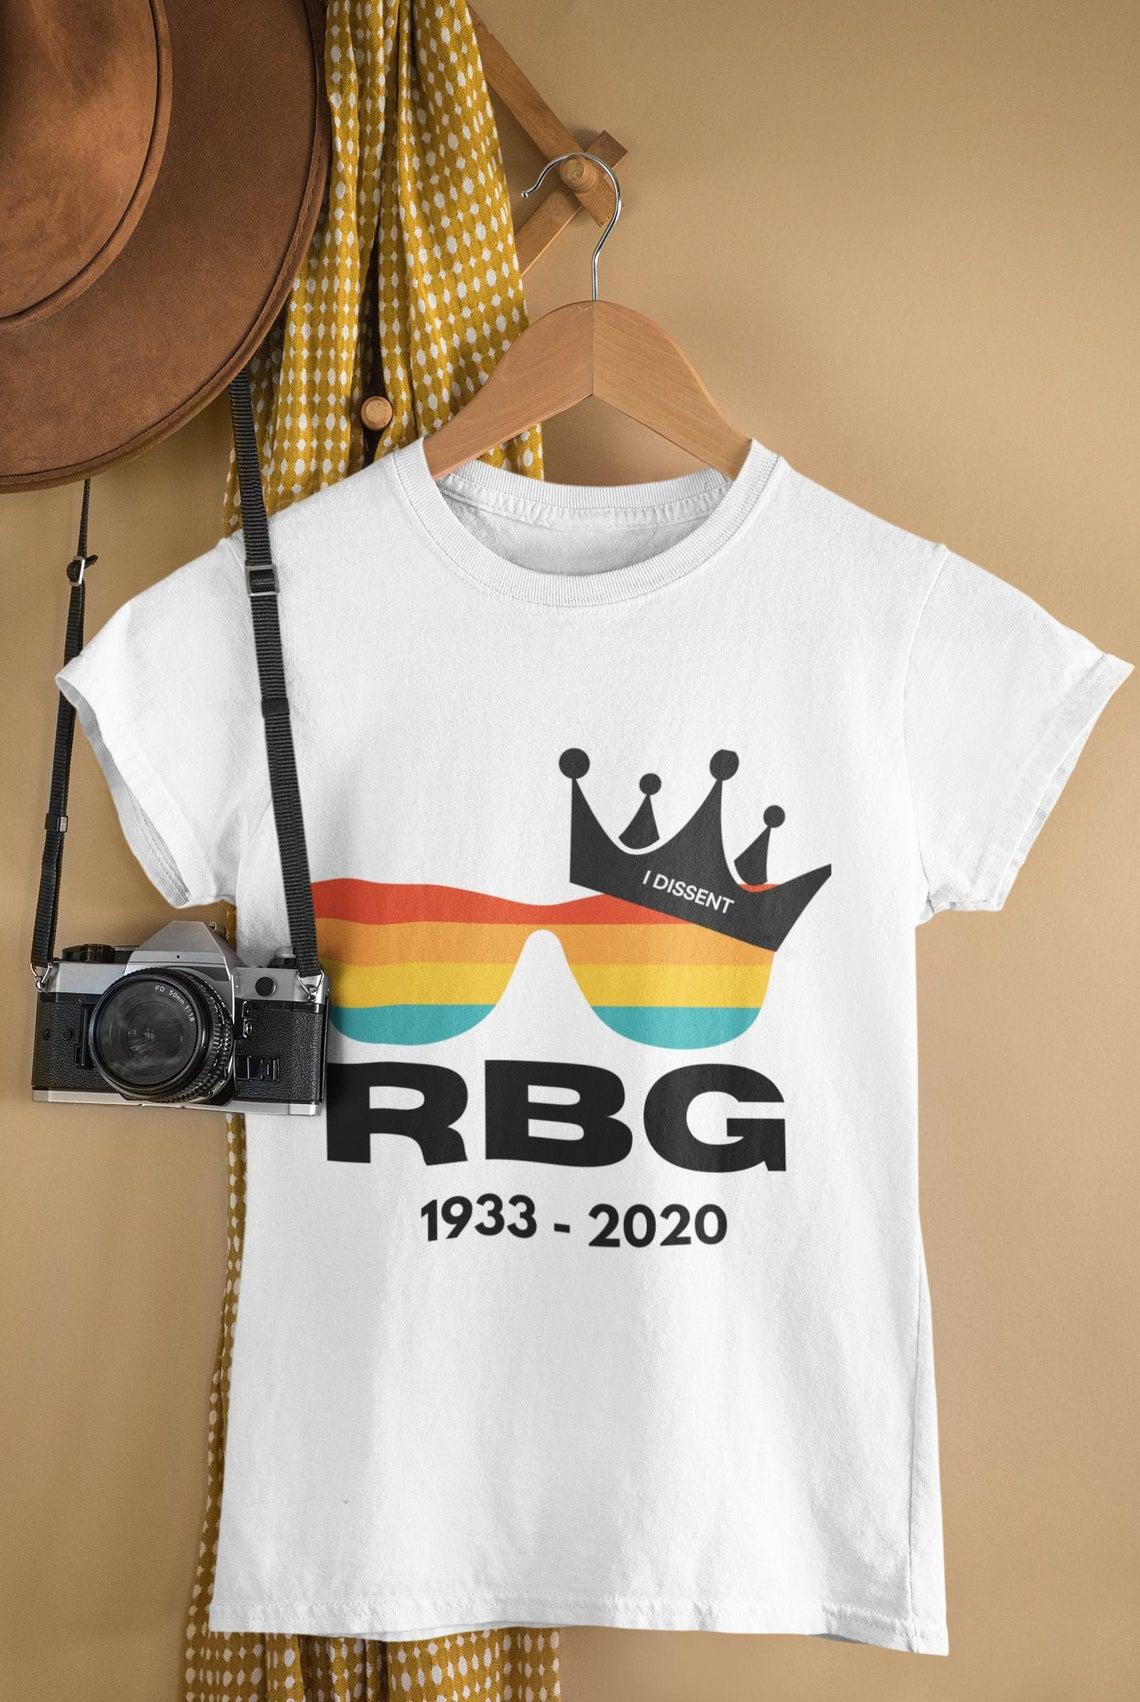 I Dissent Rip Ruth Bader Ginsburg T Shirt  Notorious Rbg 1933 2020 Shirt